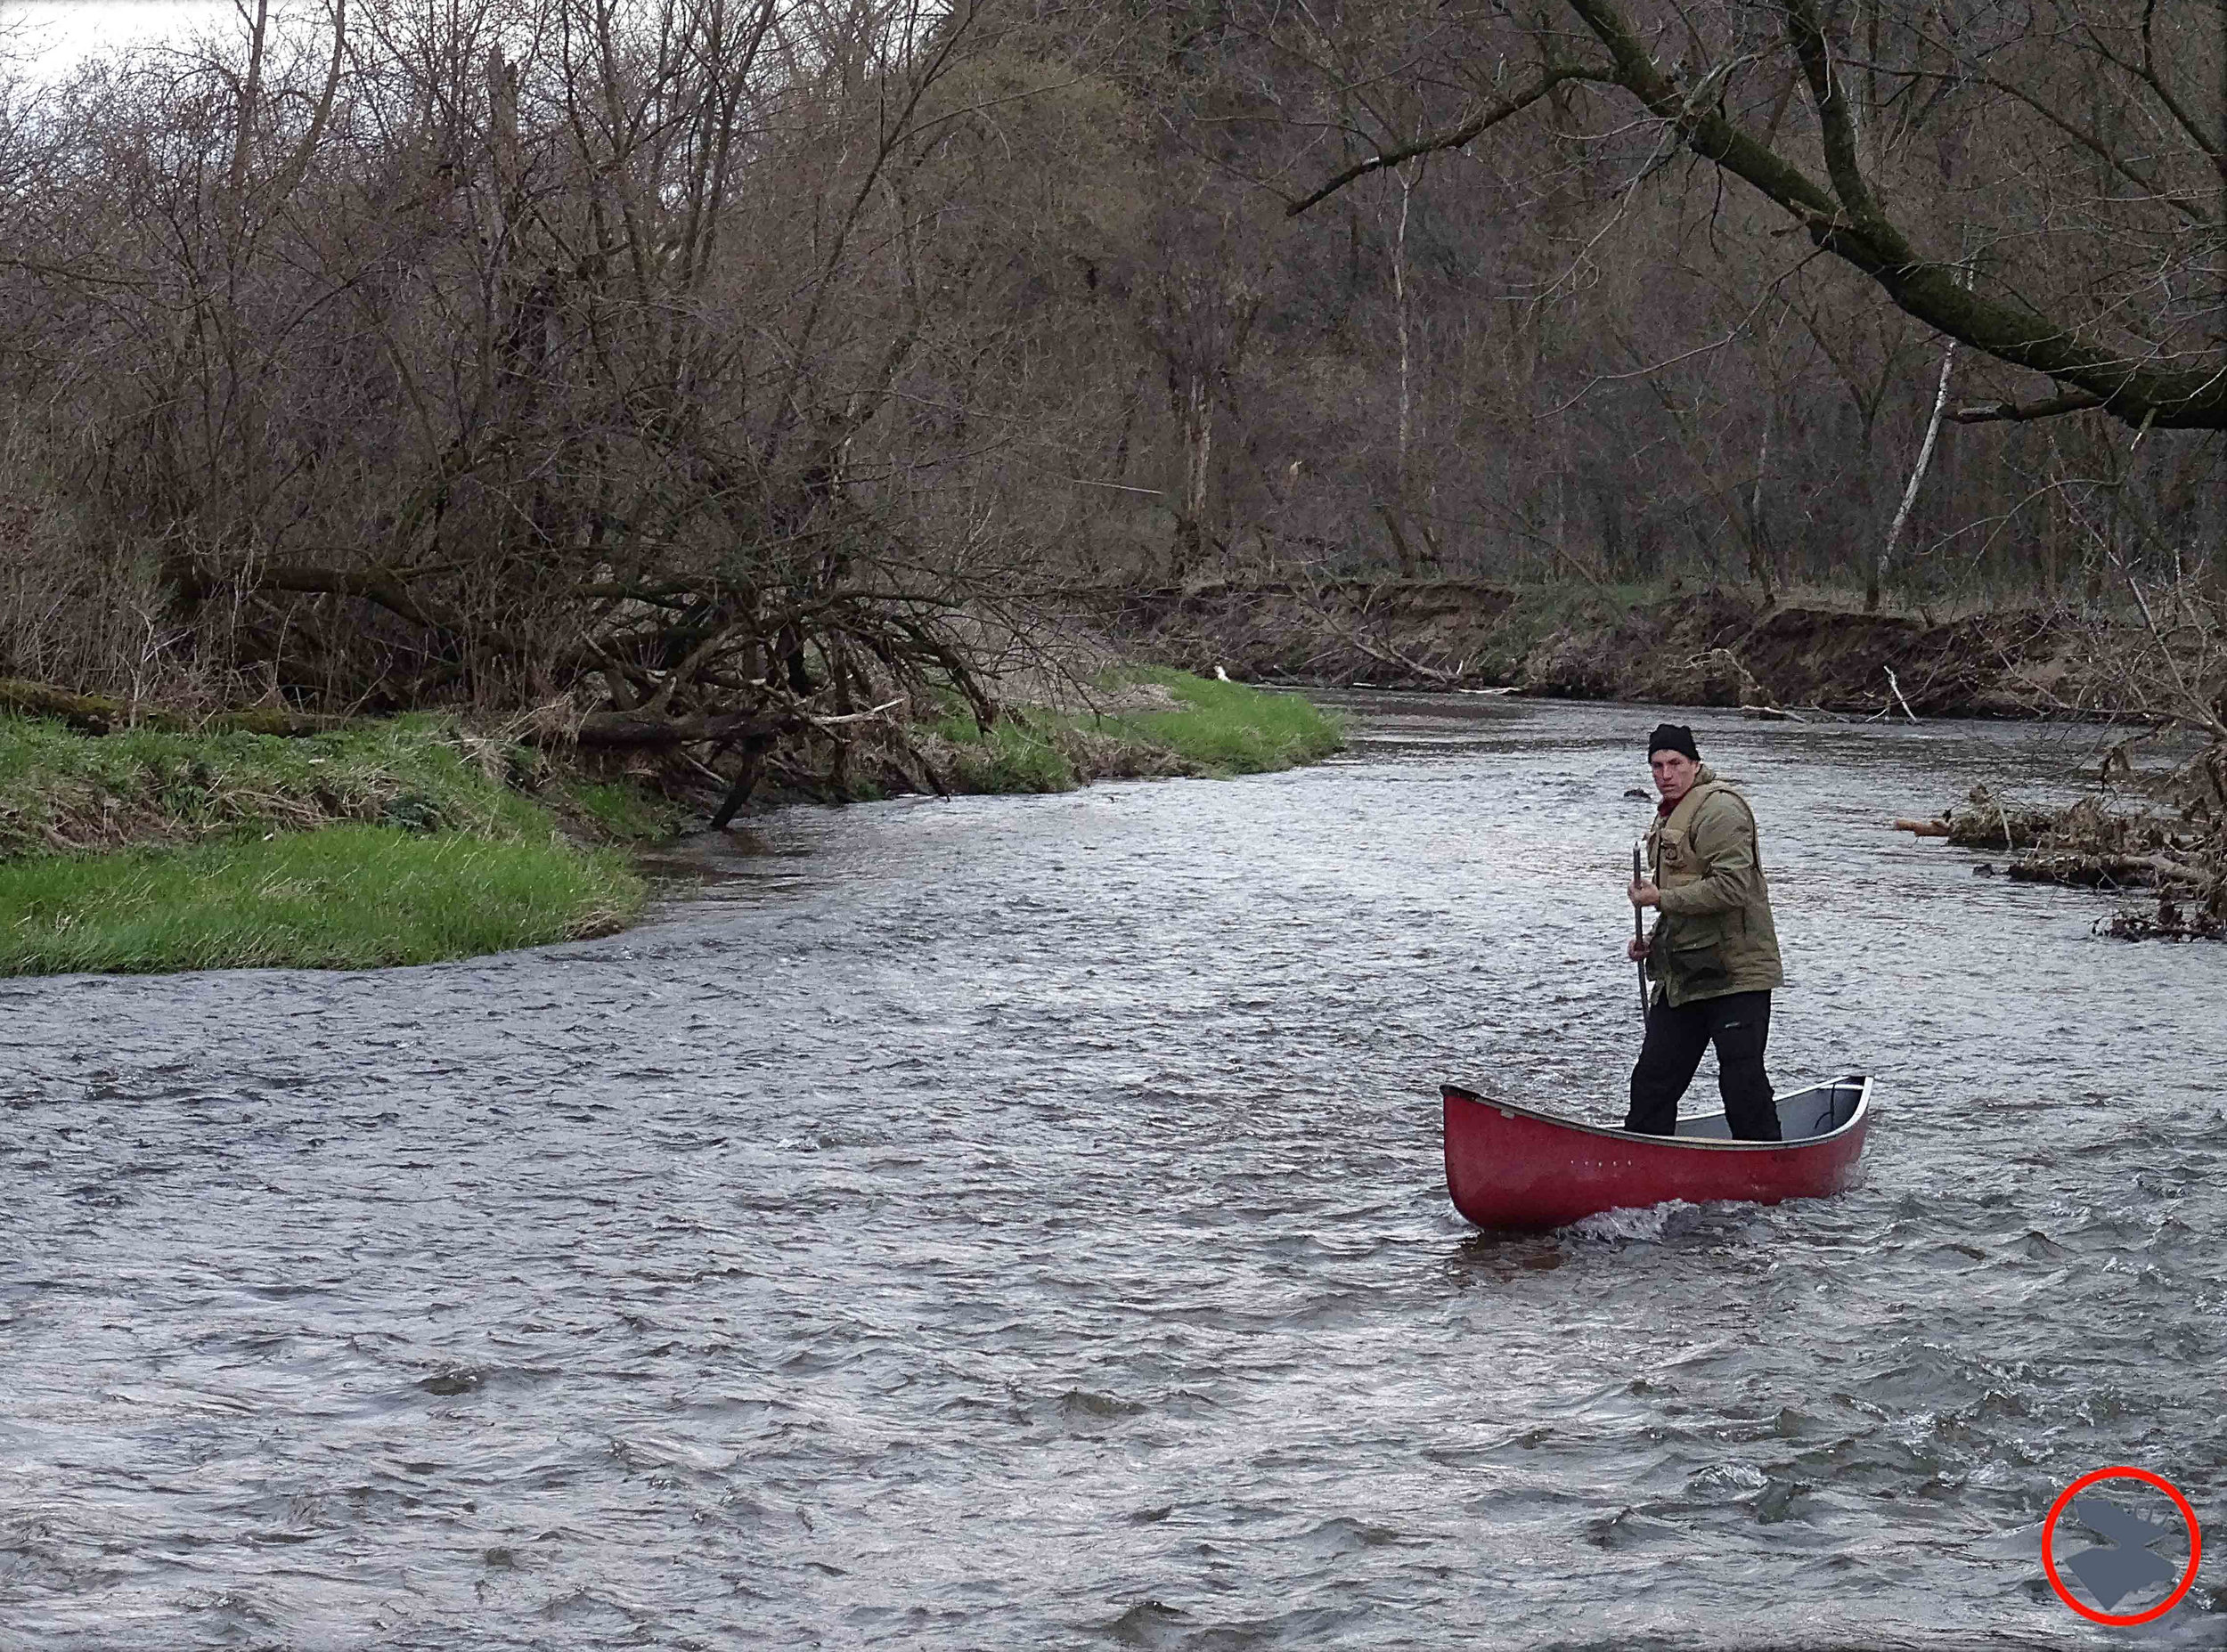 BMP-Post_Kinnickinnic-River_Scott-Canoe-Poling1_June 2019.jpg